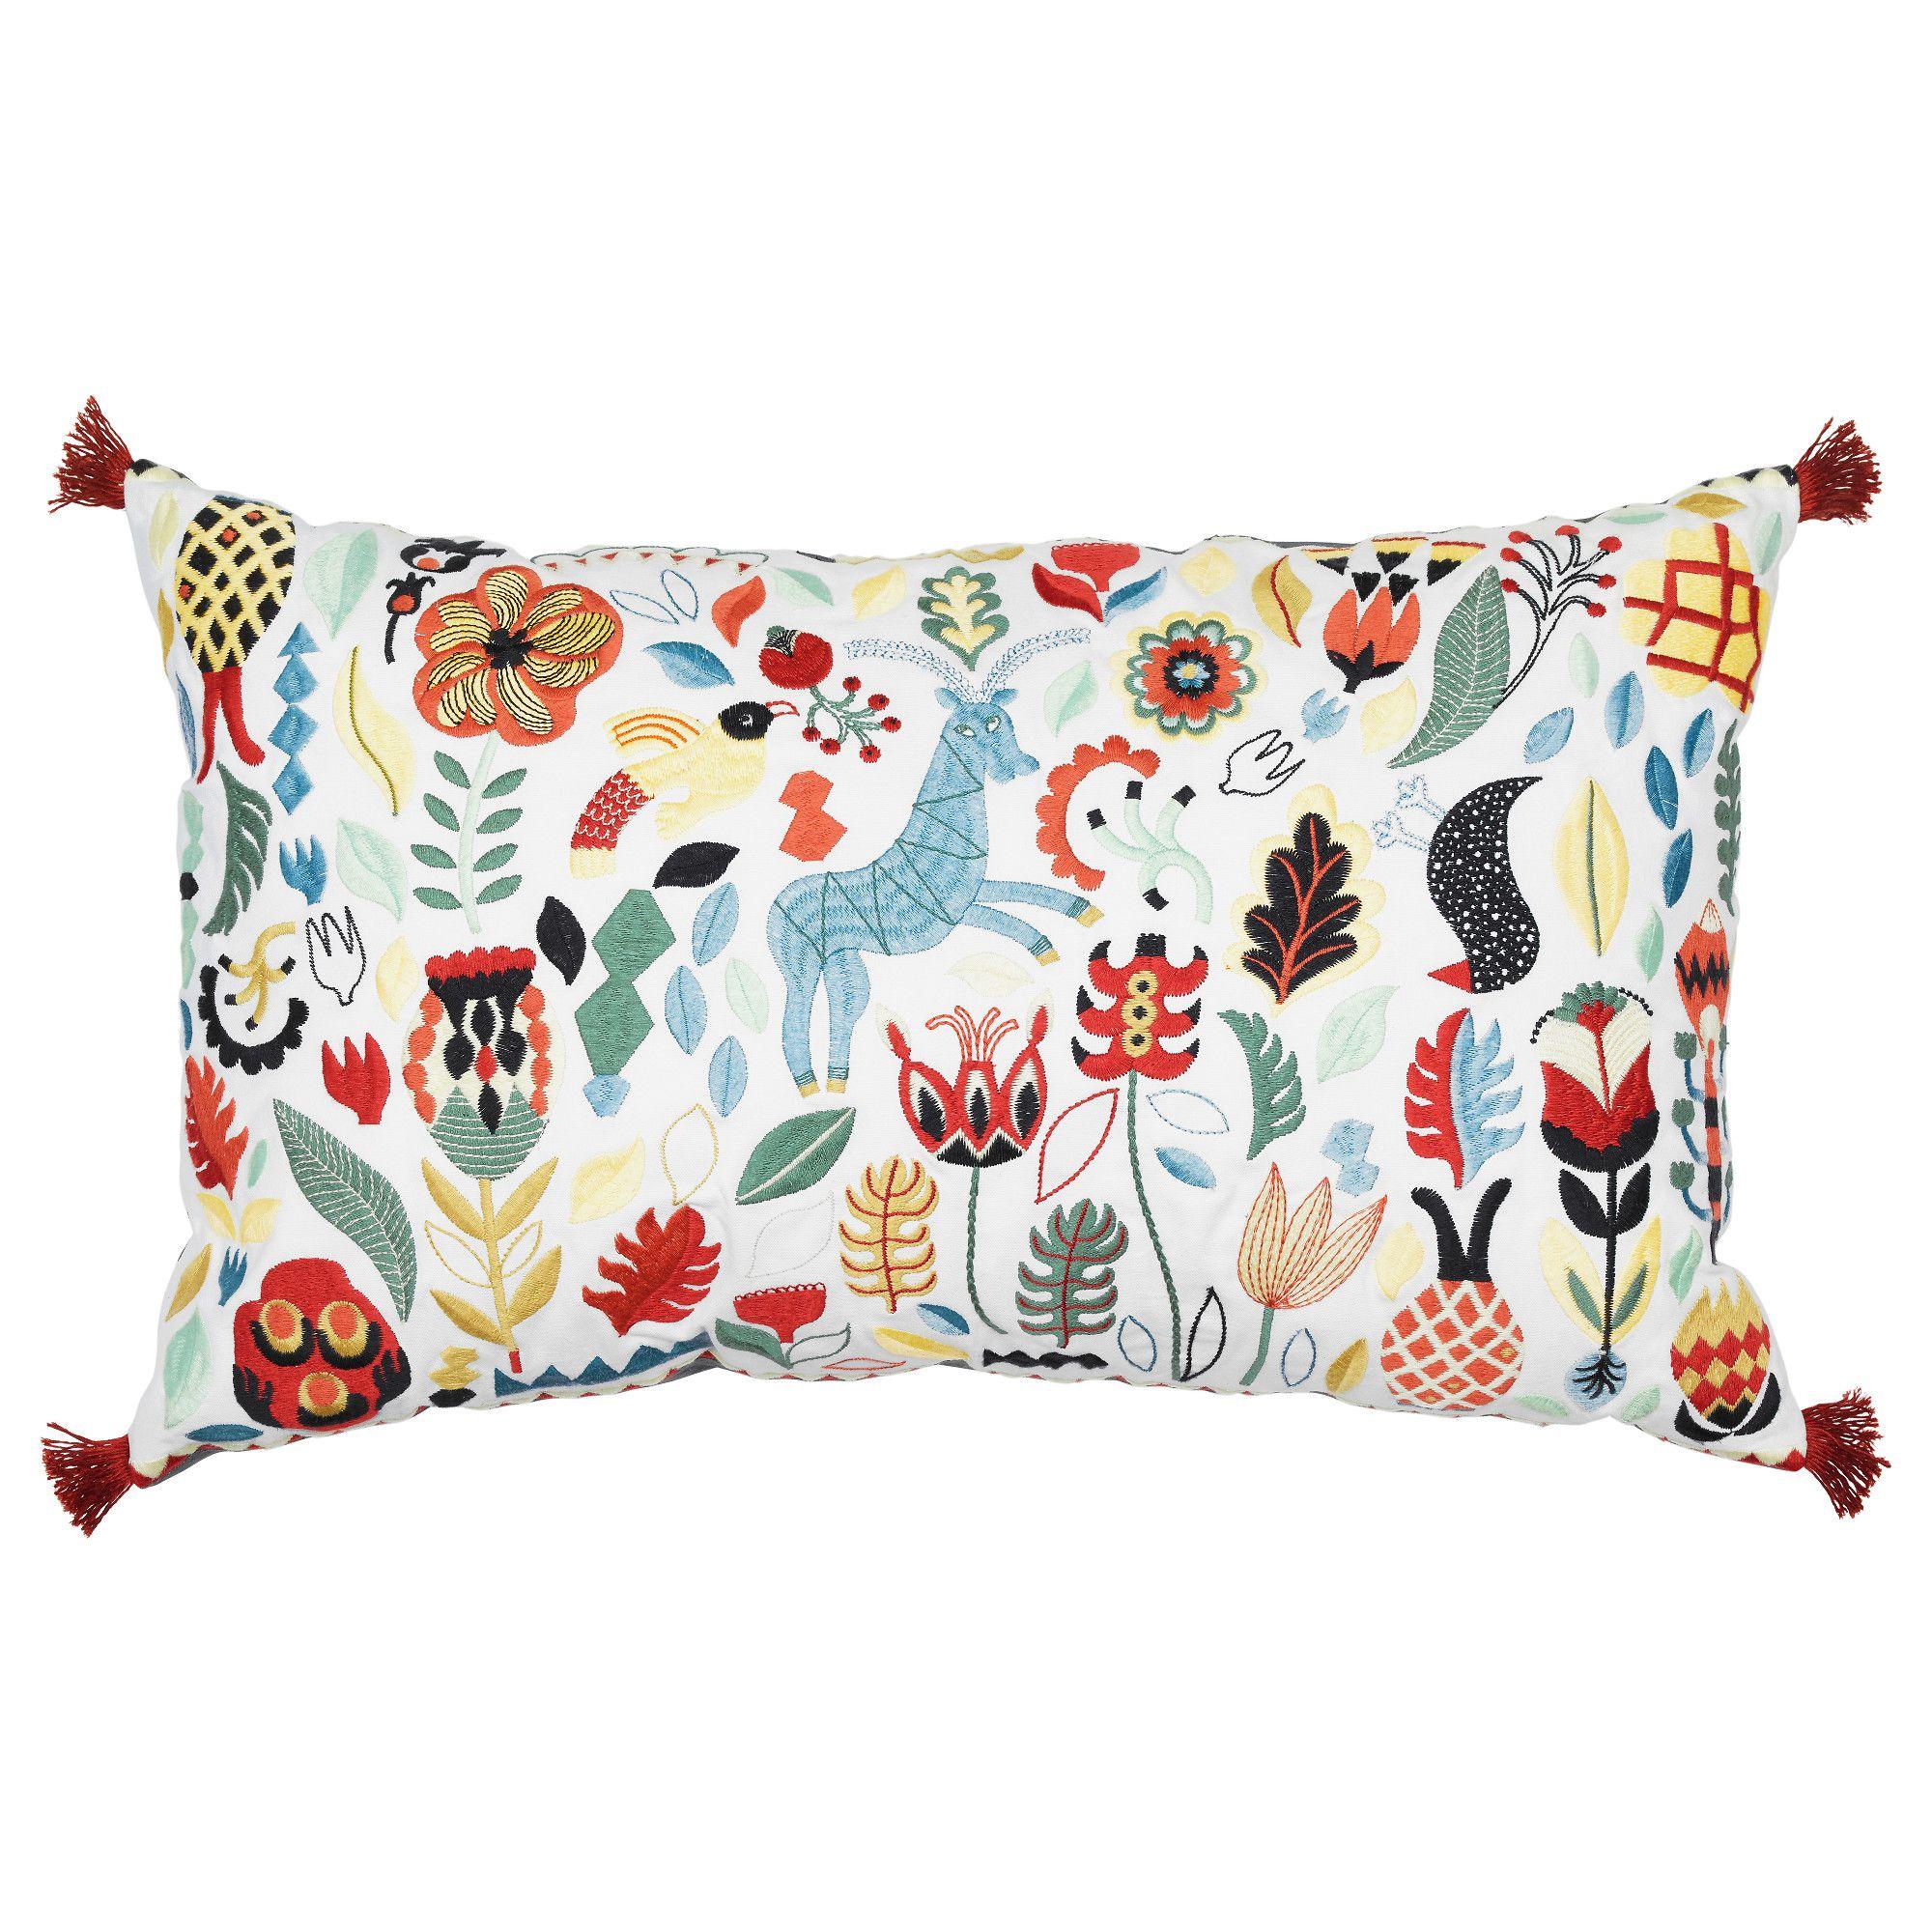 RÖdarv Cushion Multicolor 16x26 Cushions Ikea